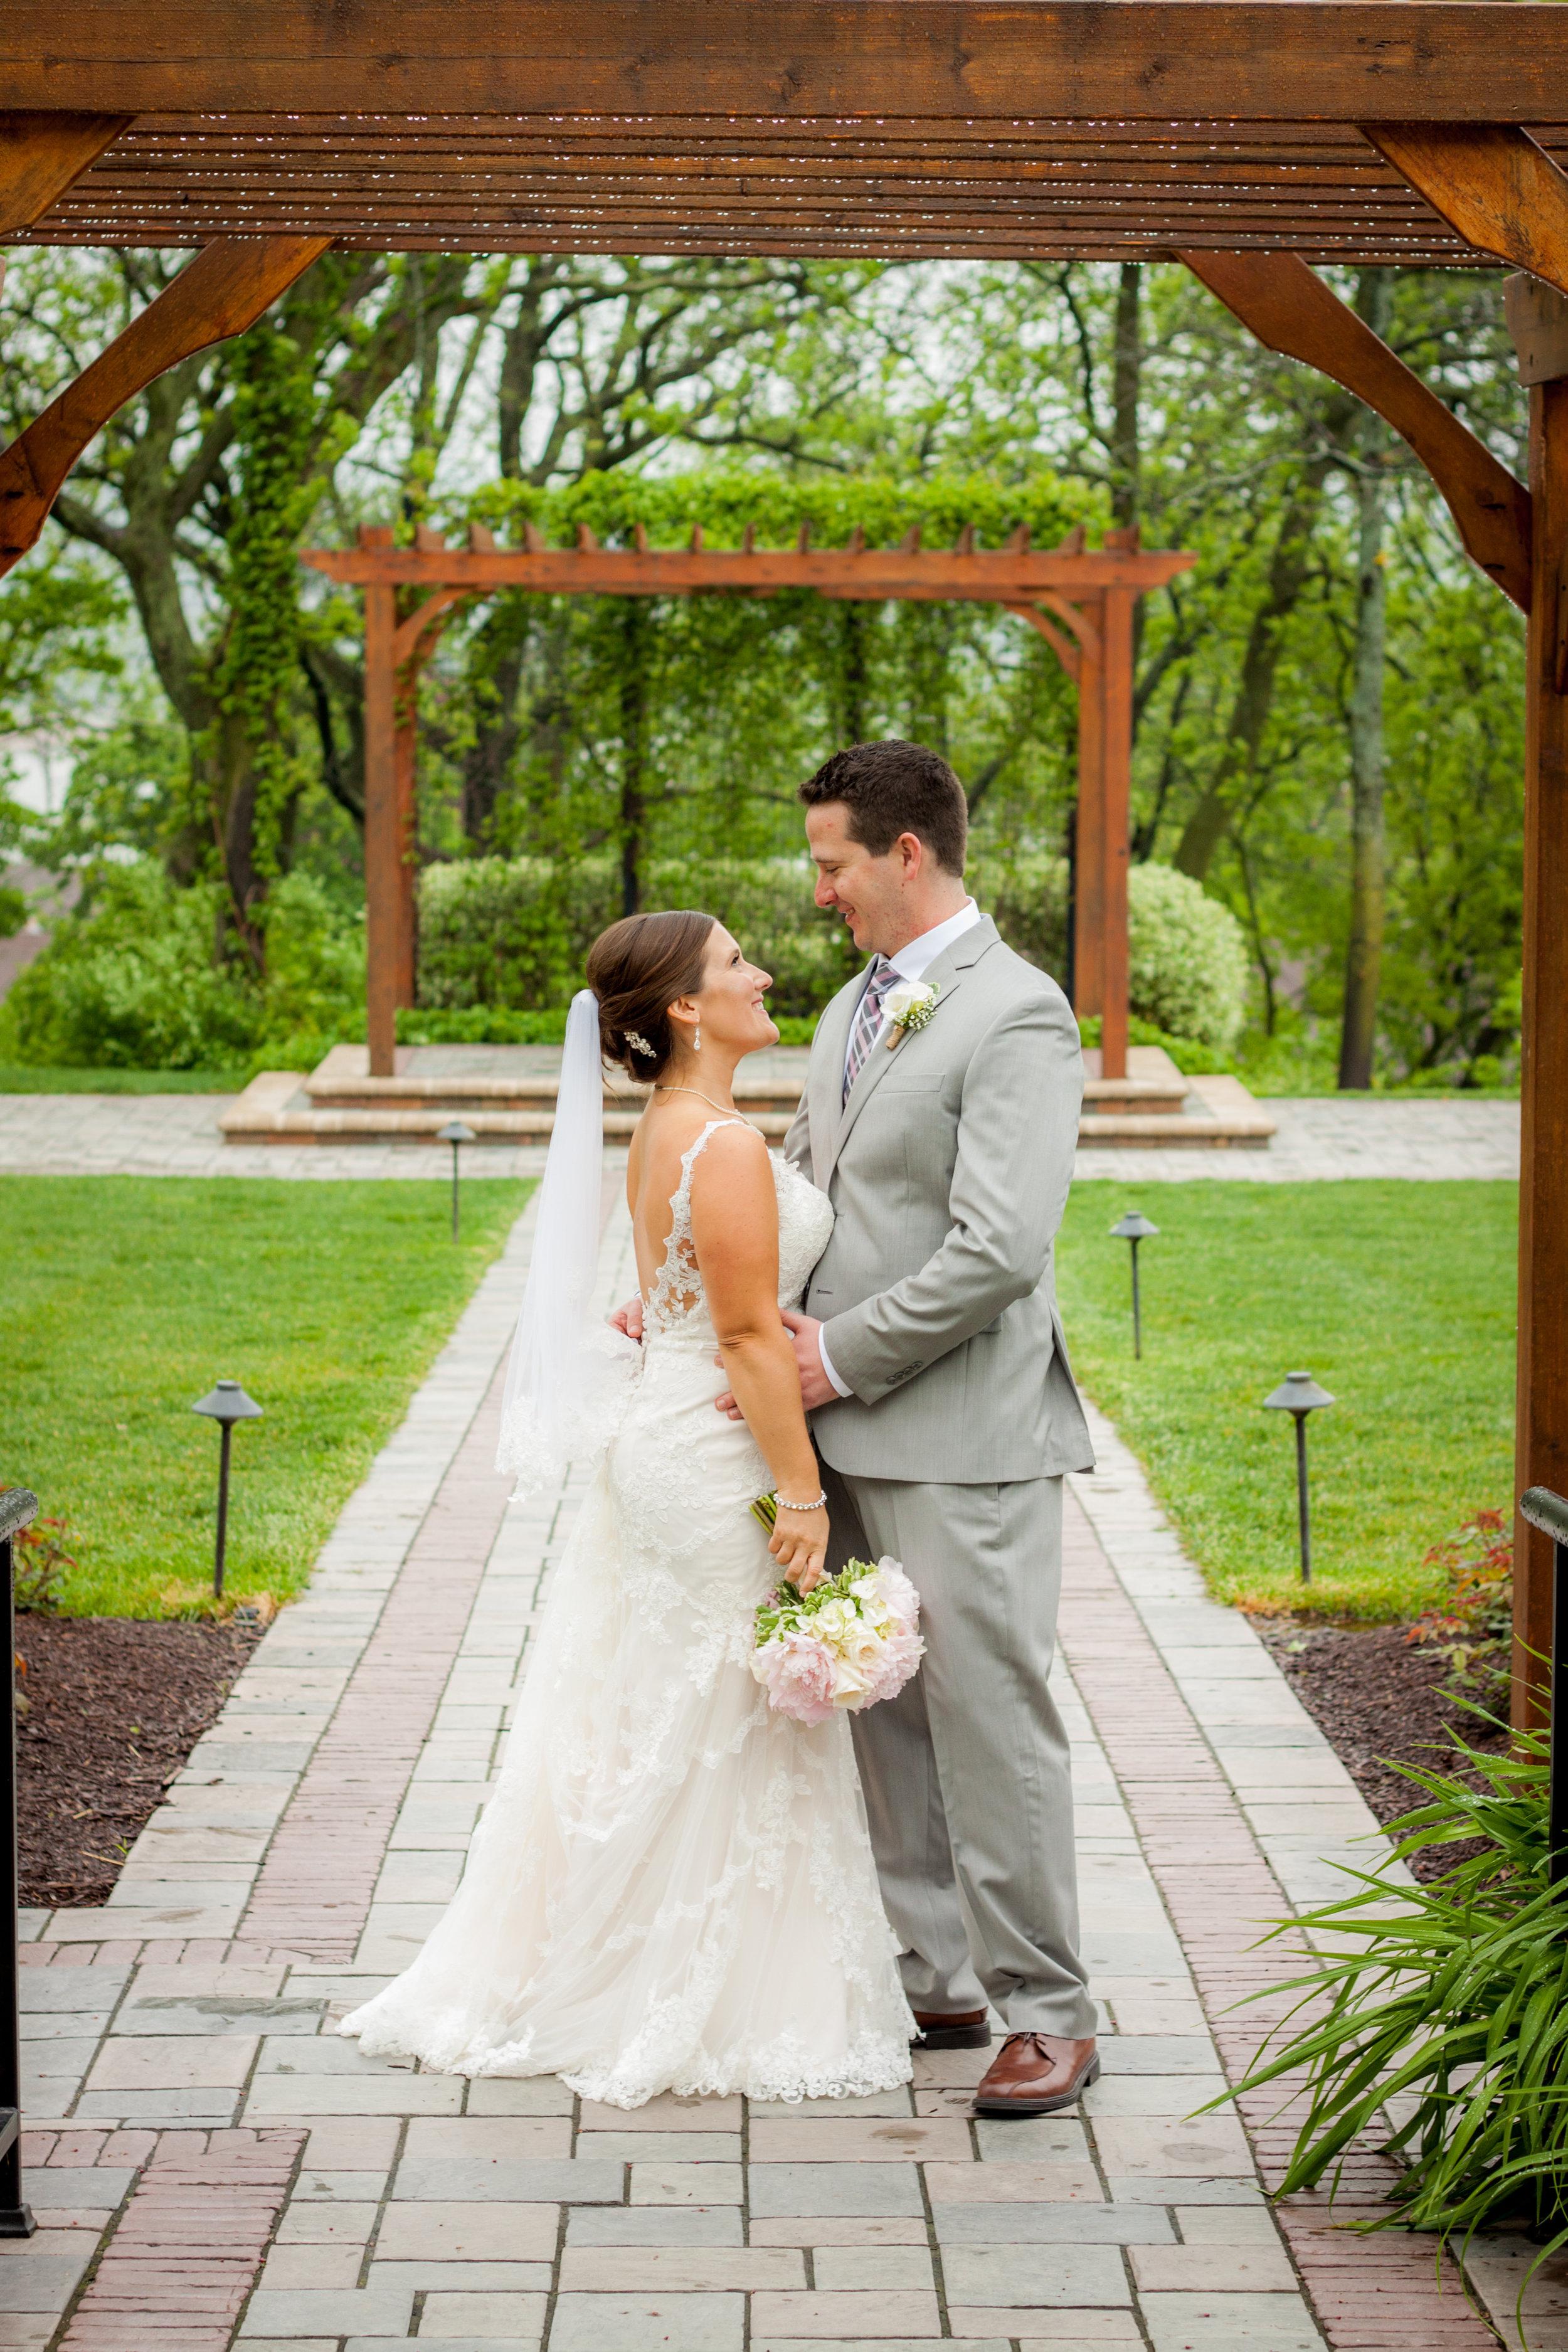 weddingportraits-southernwisconsin-katydaixonphotography.jpg